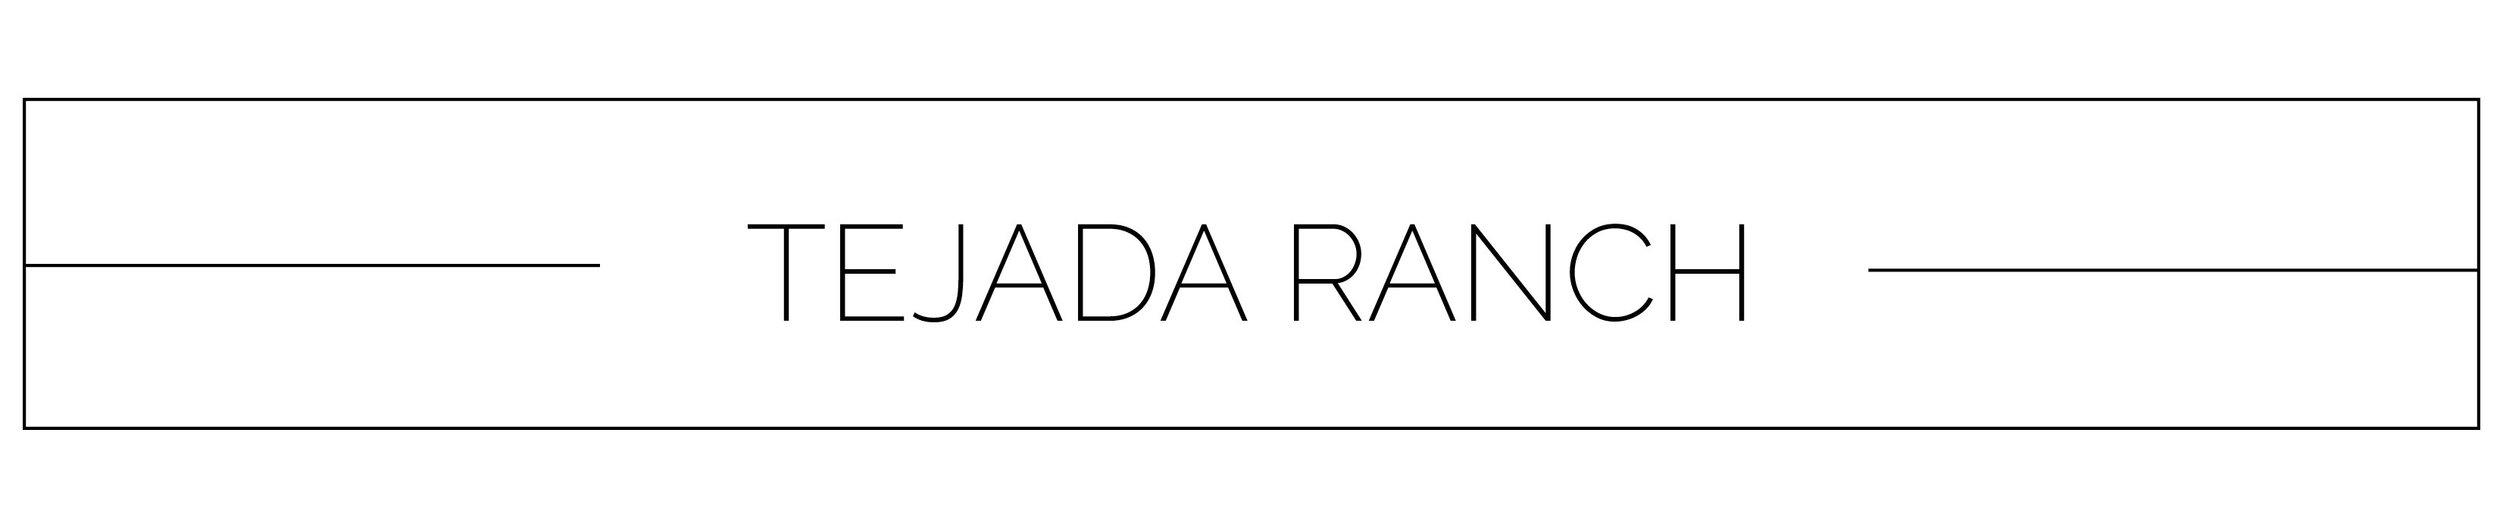 Tejada Ranch sign.jpg